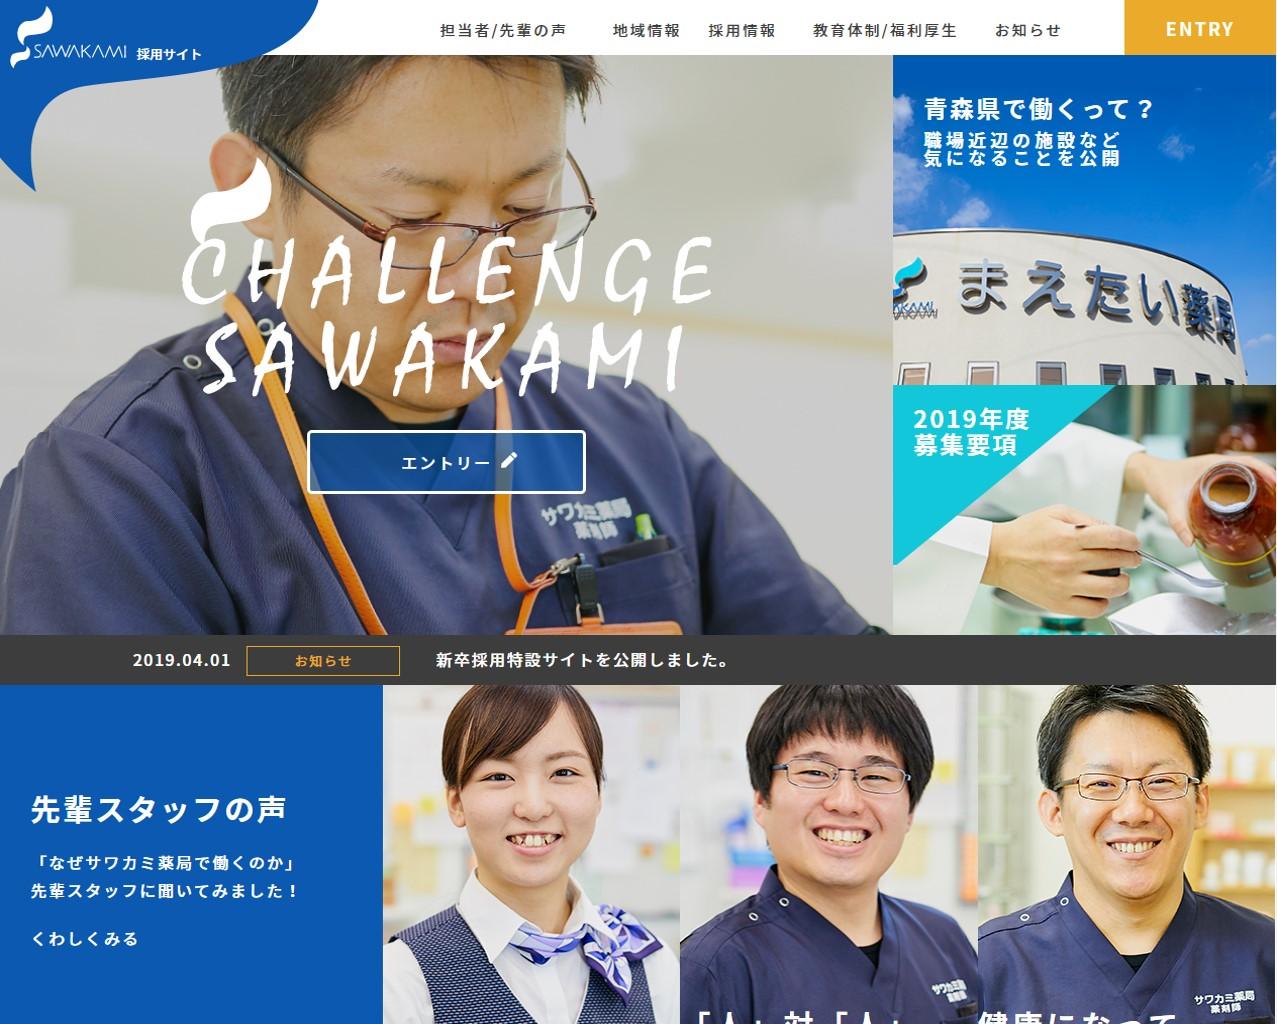 【オリジナルサイト】有限会社サワカミ薬局様